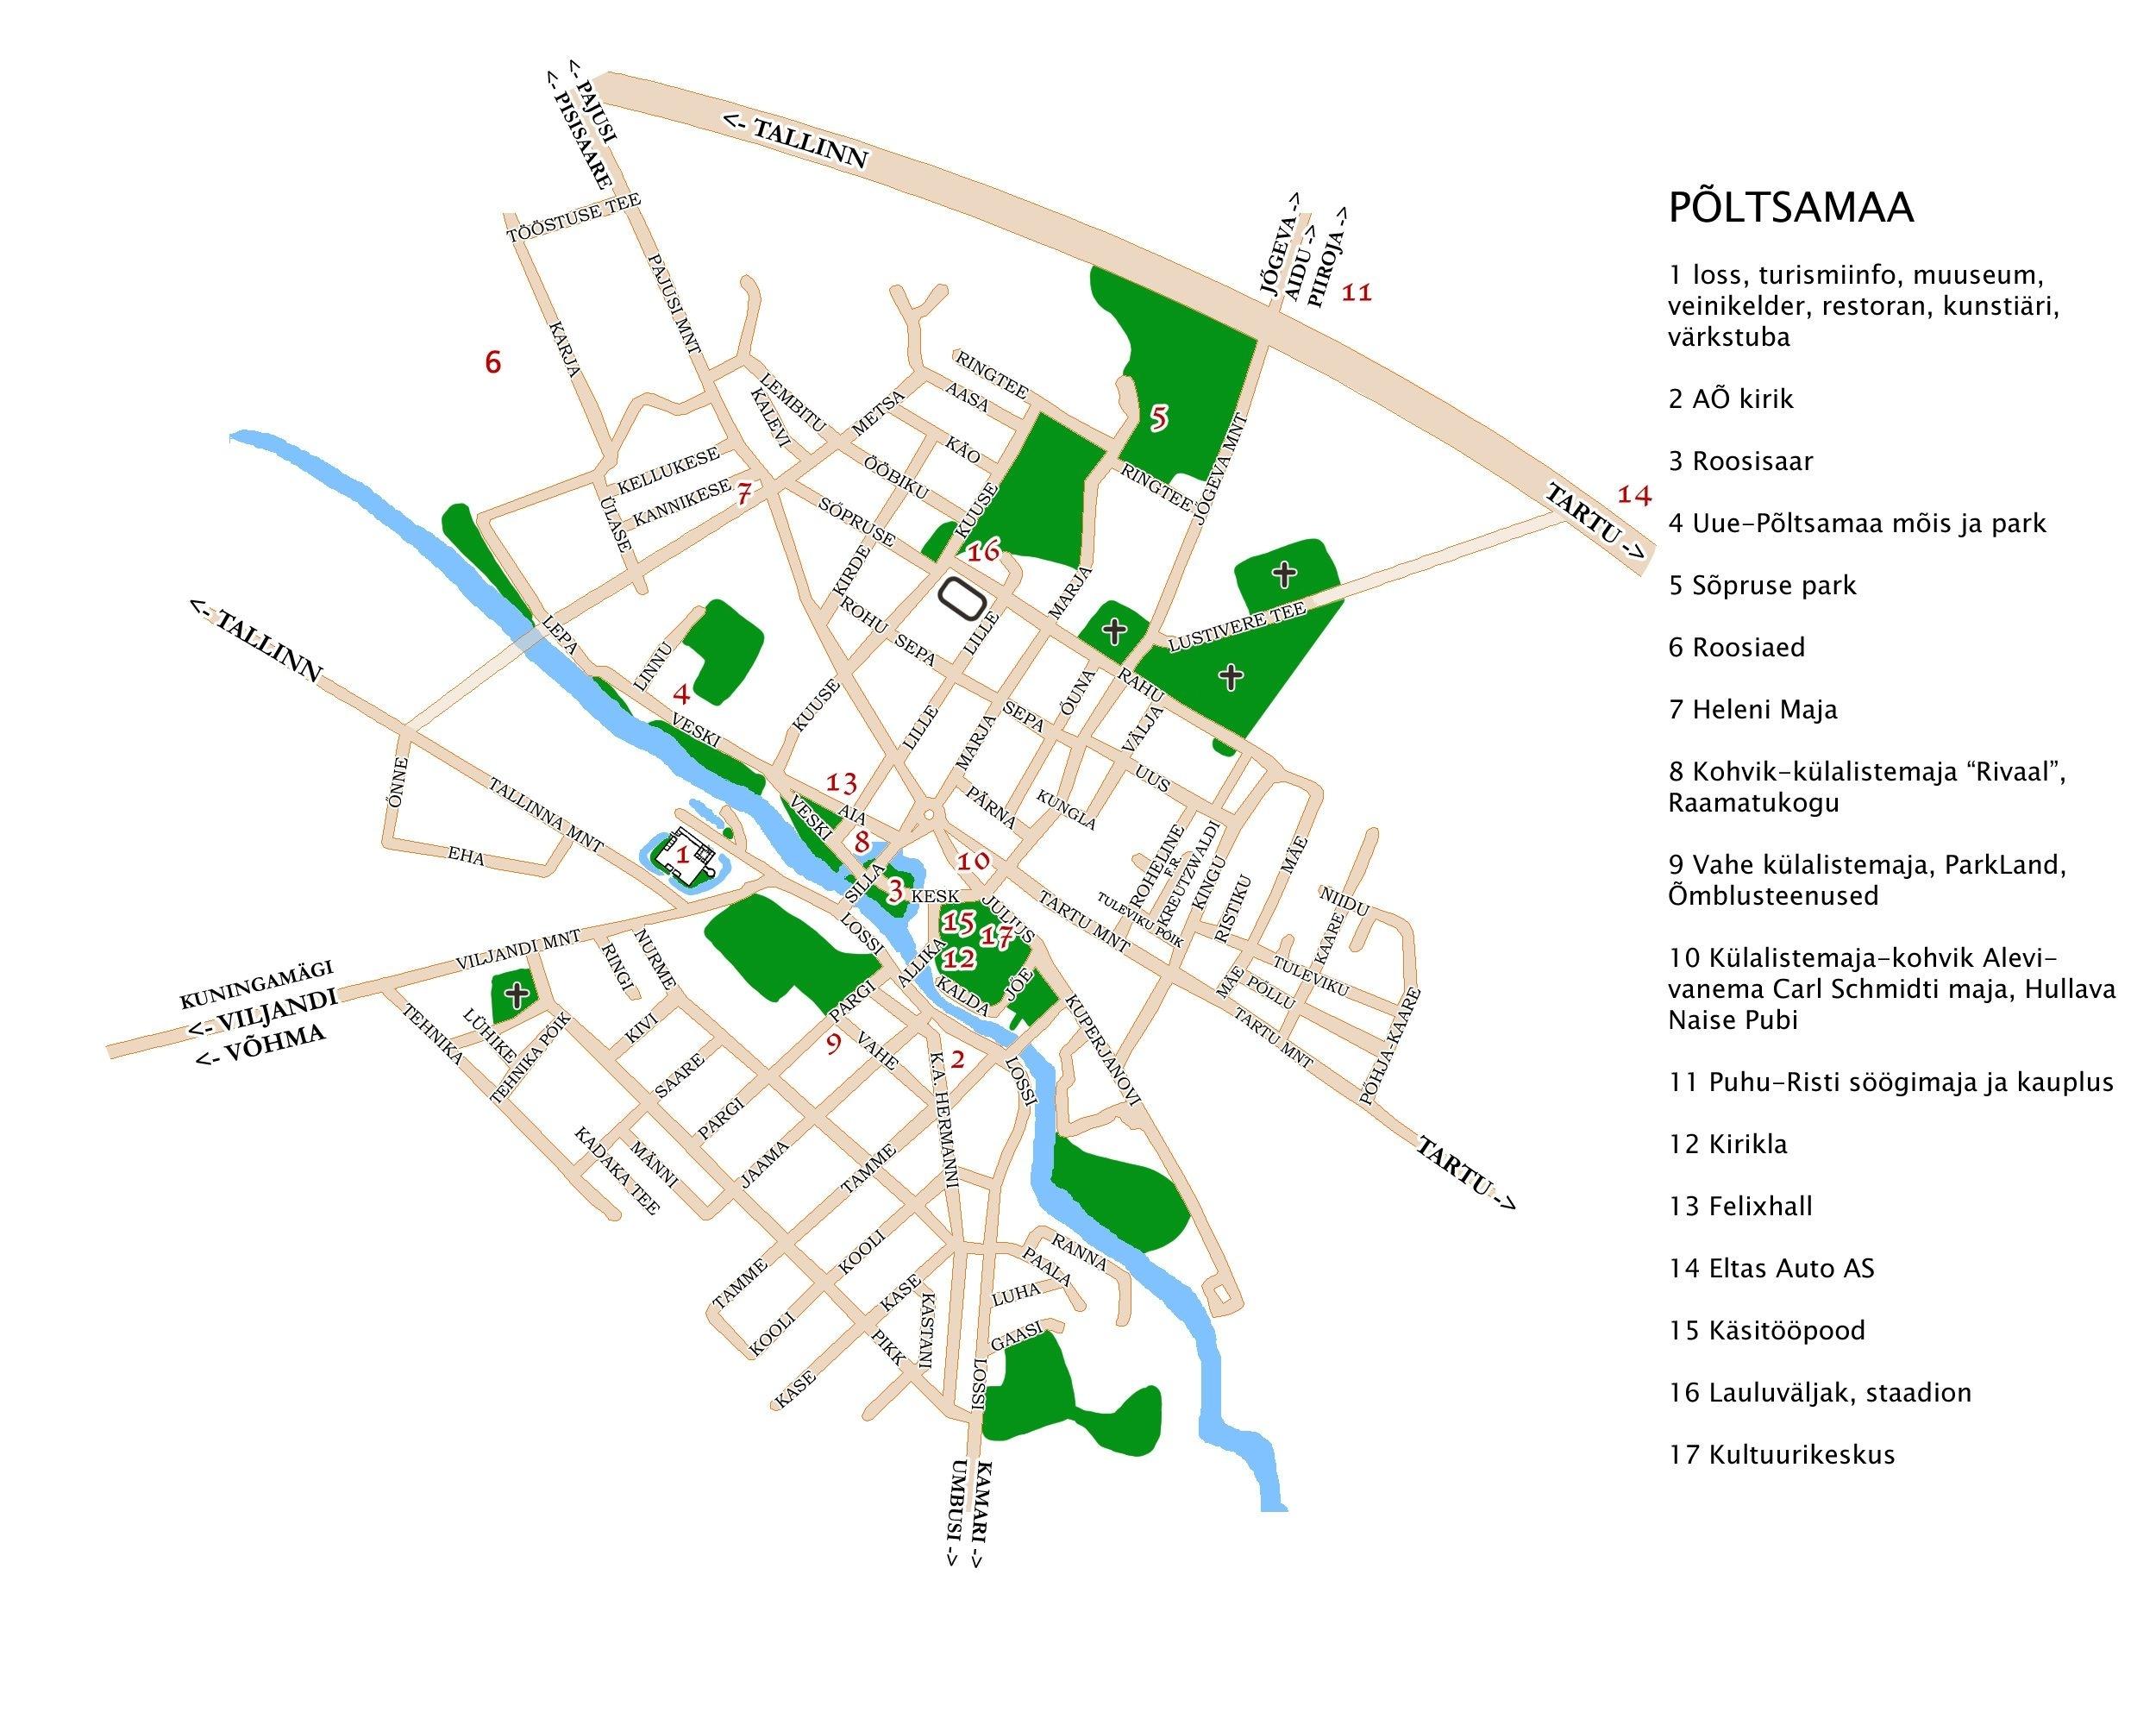 Карта города Пылтсамаа